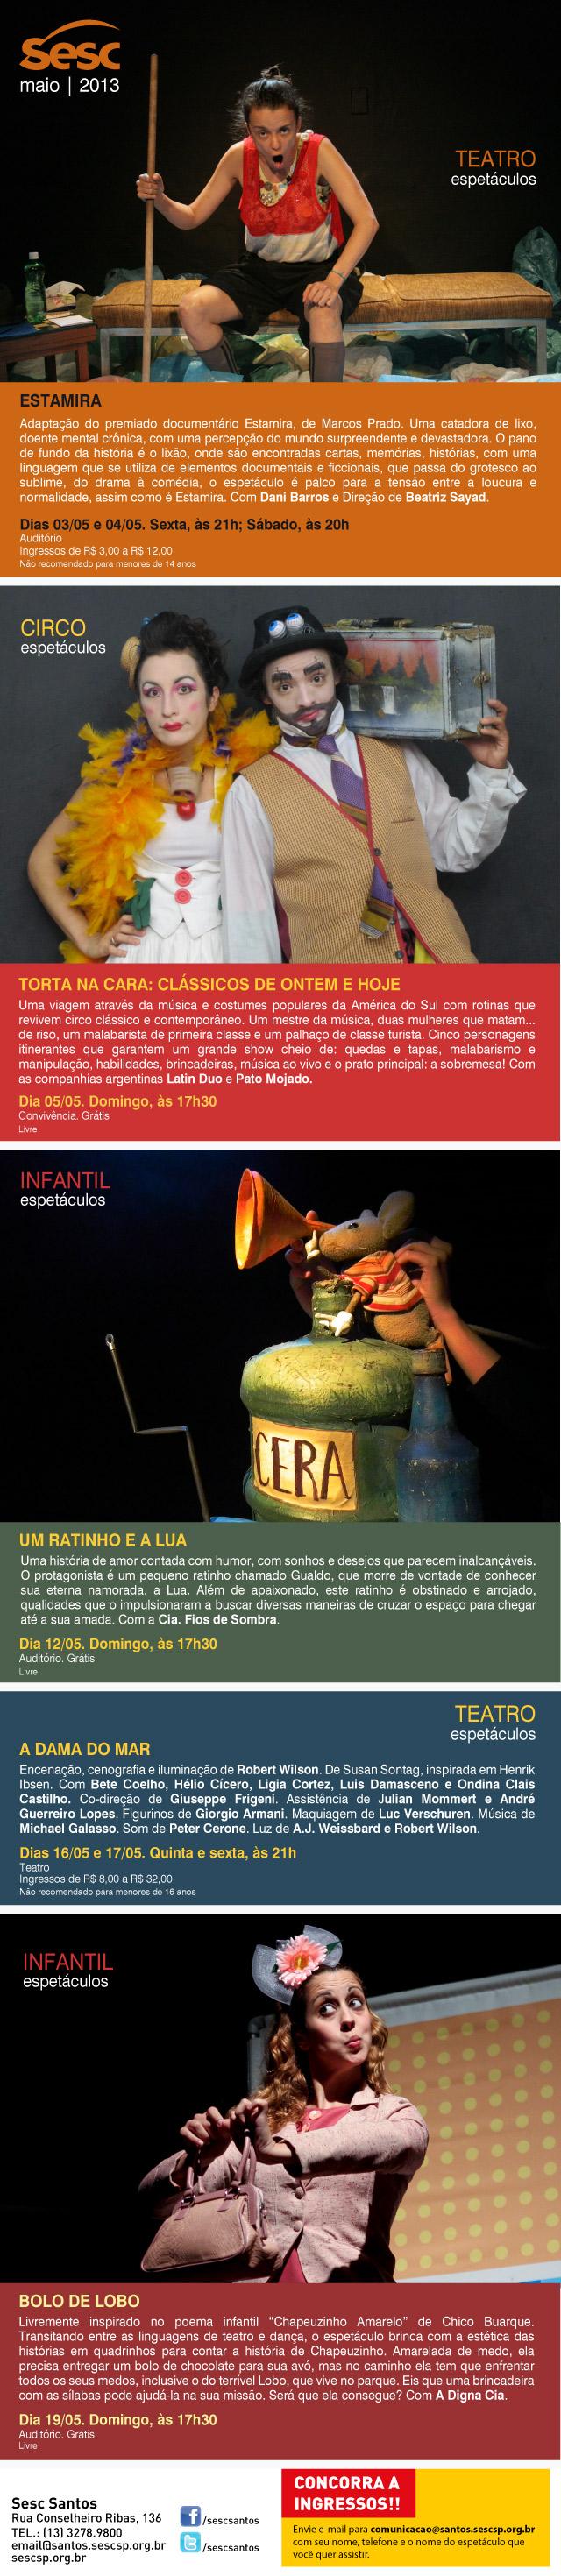 teatro-e-espetáculos-maio